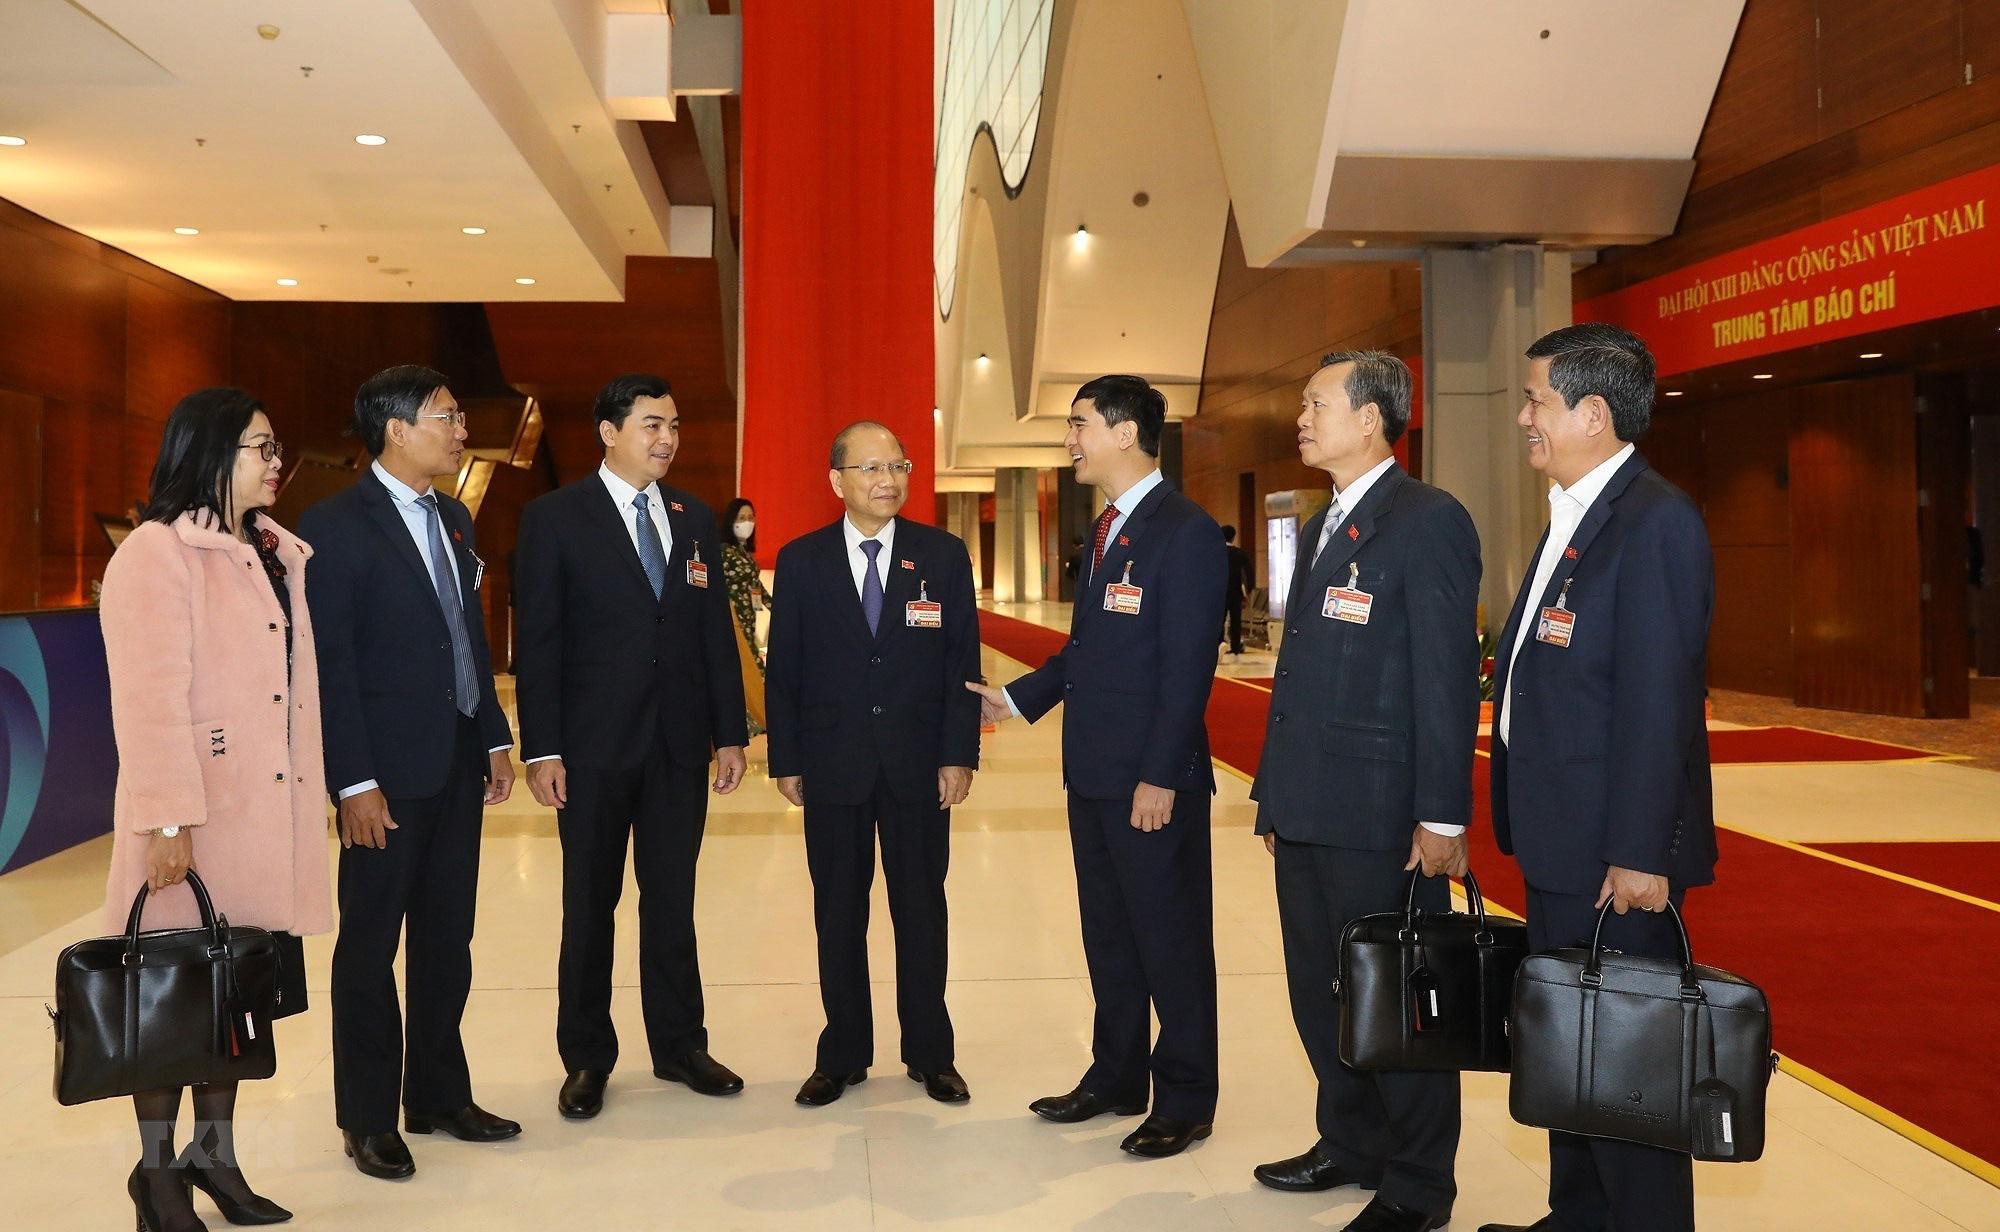 Ảnh: Ngày 29/1, Đại hội XIII tiếp tục làm việc về công tác nhân sự - Ảnh 1.